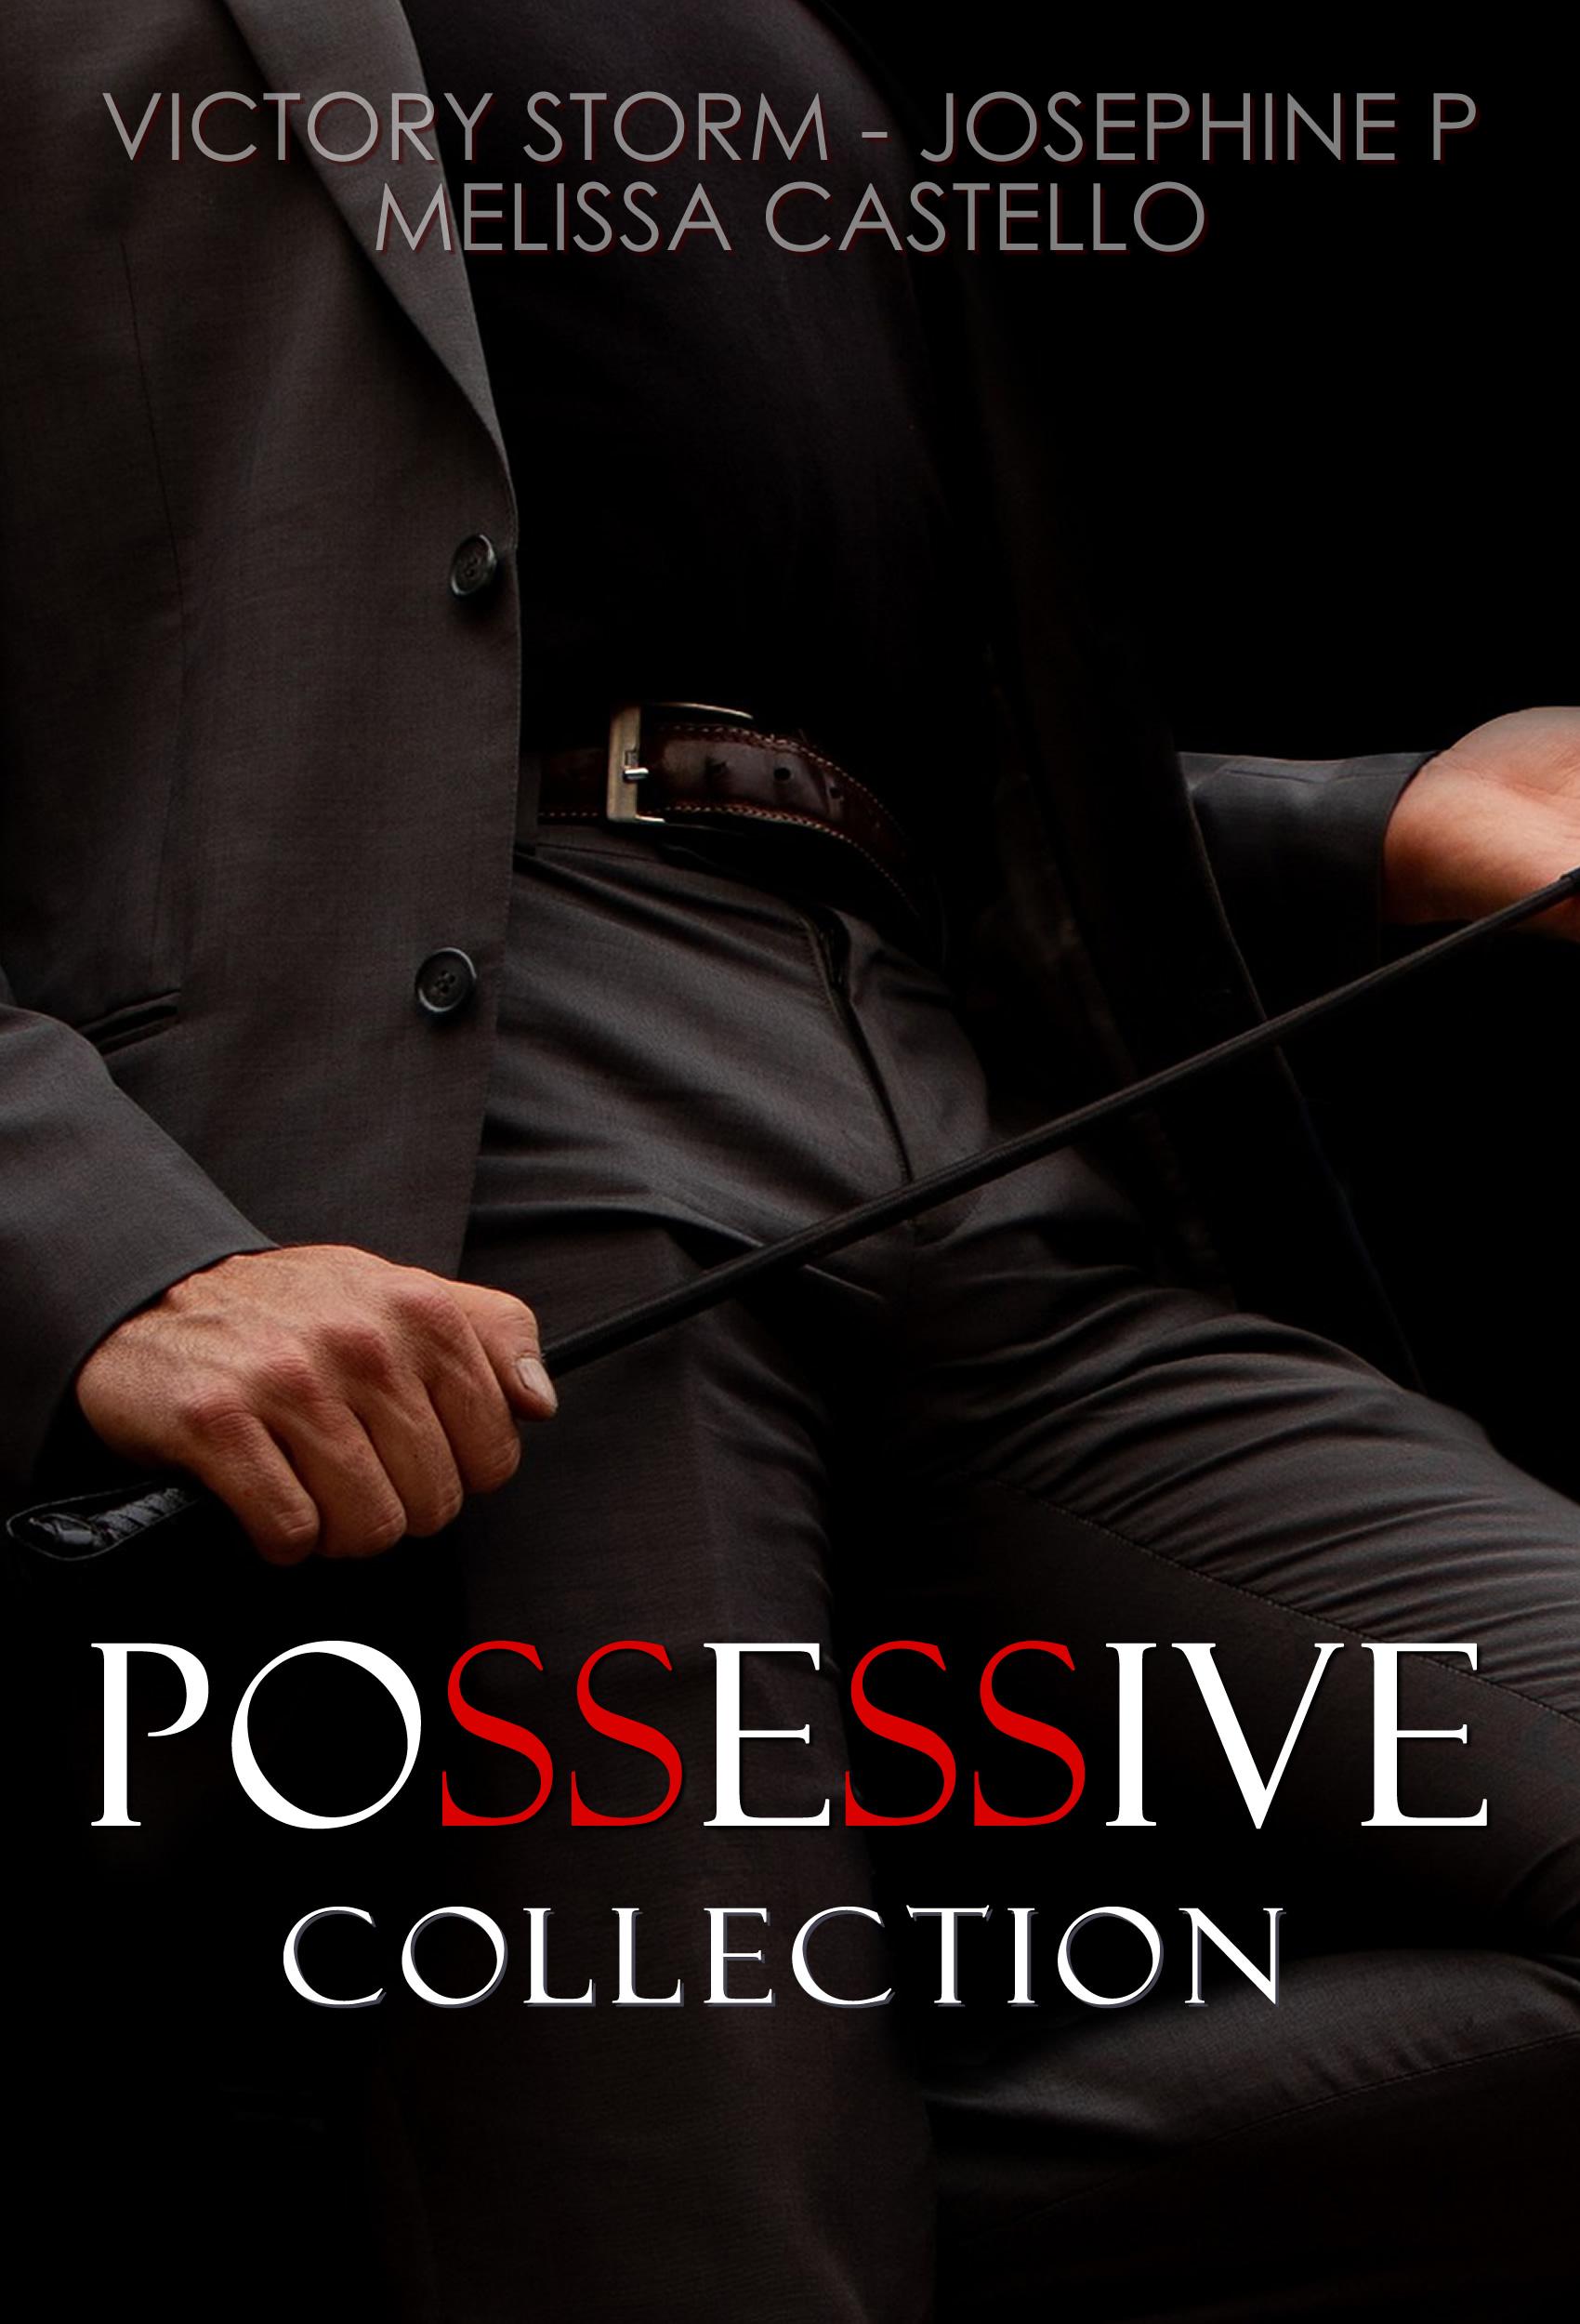 Segnalazione: Possessive Collection